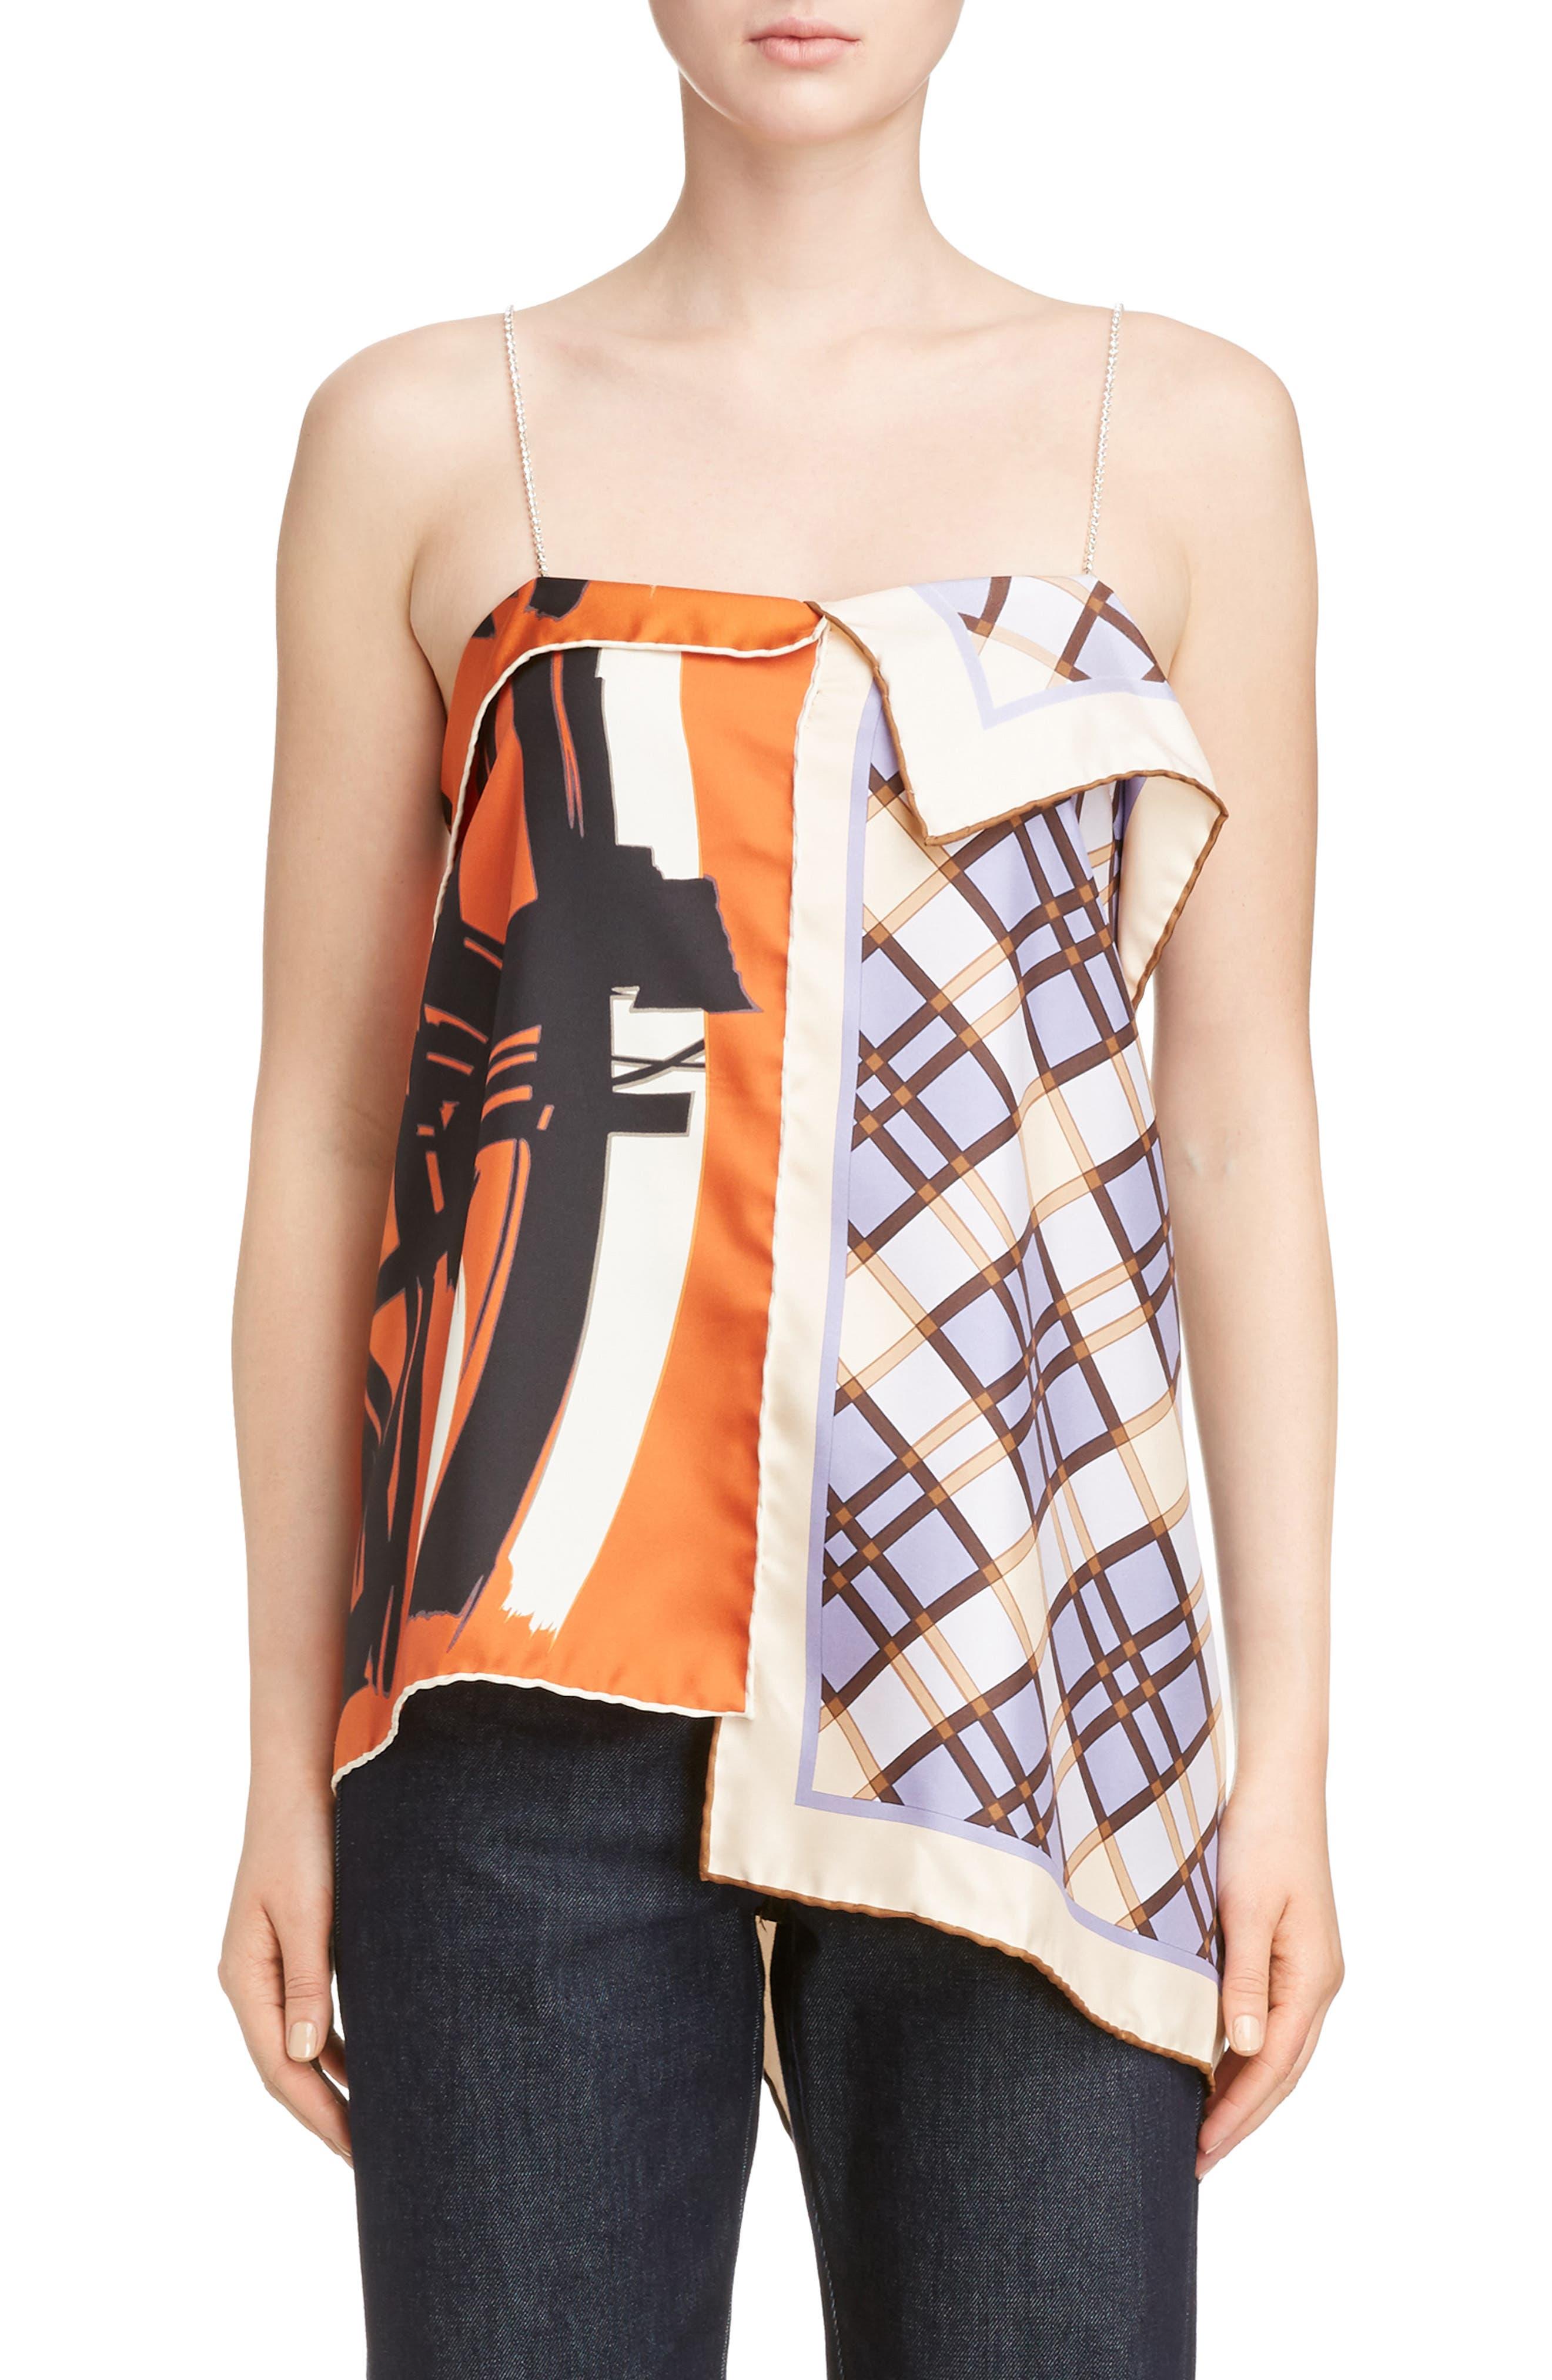 Dries Van Noten Scarf Print Crystal Strap Silk Top